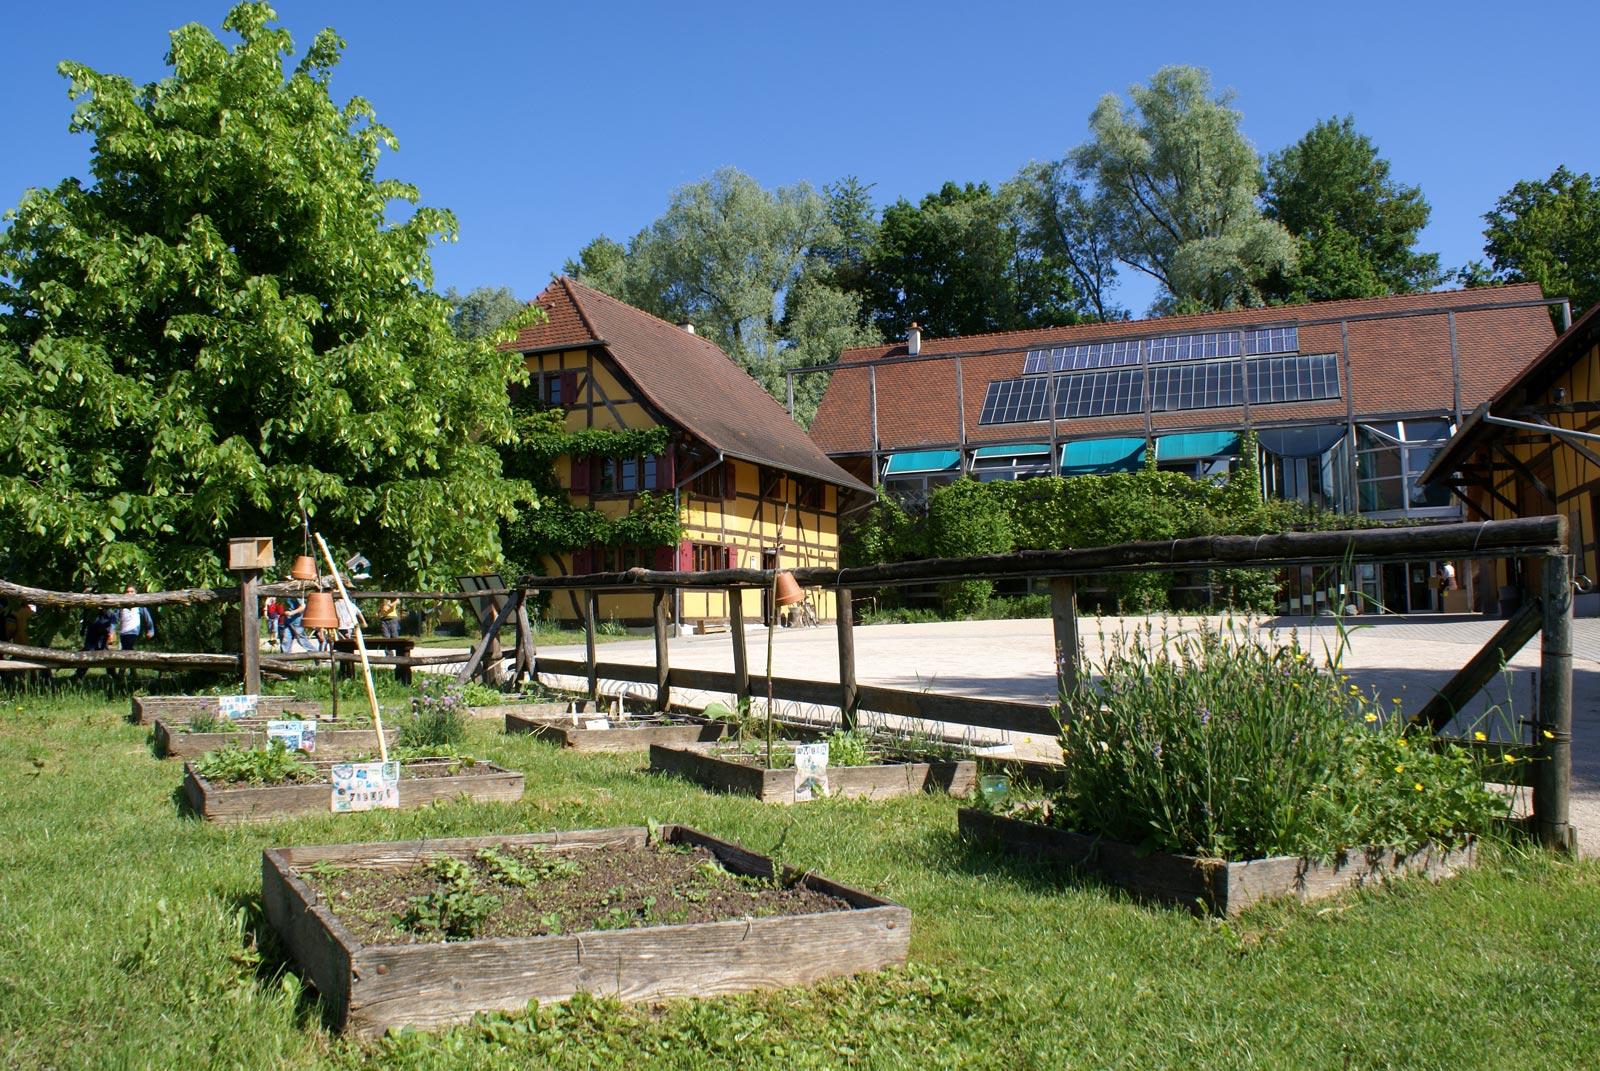 Maison de la Nature du Sundgau